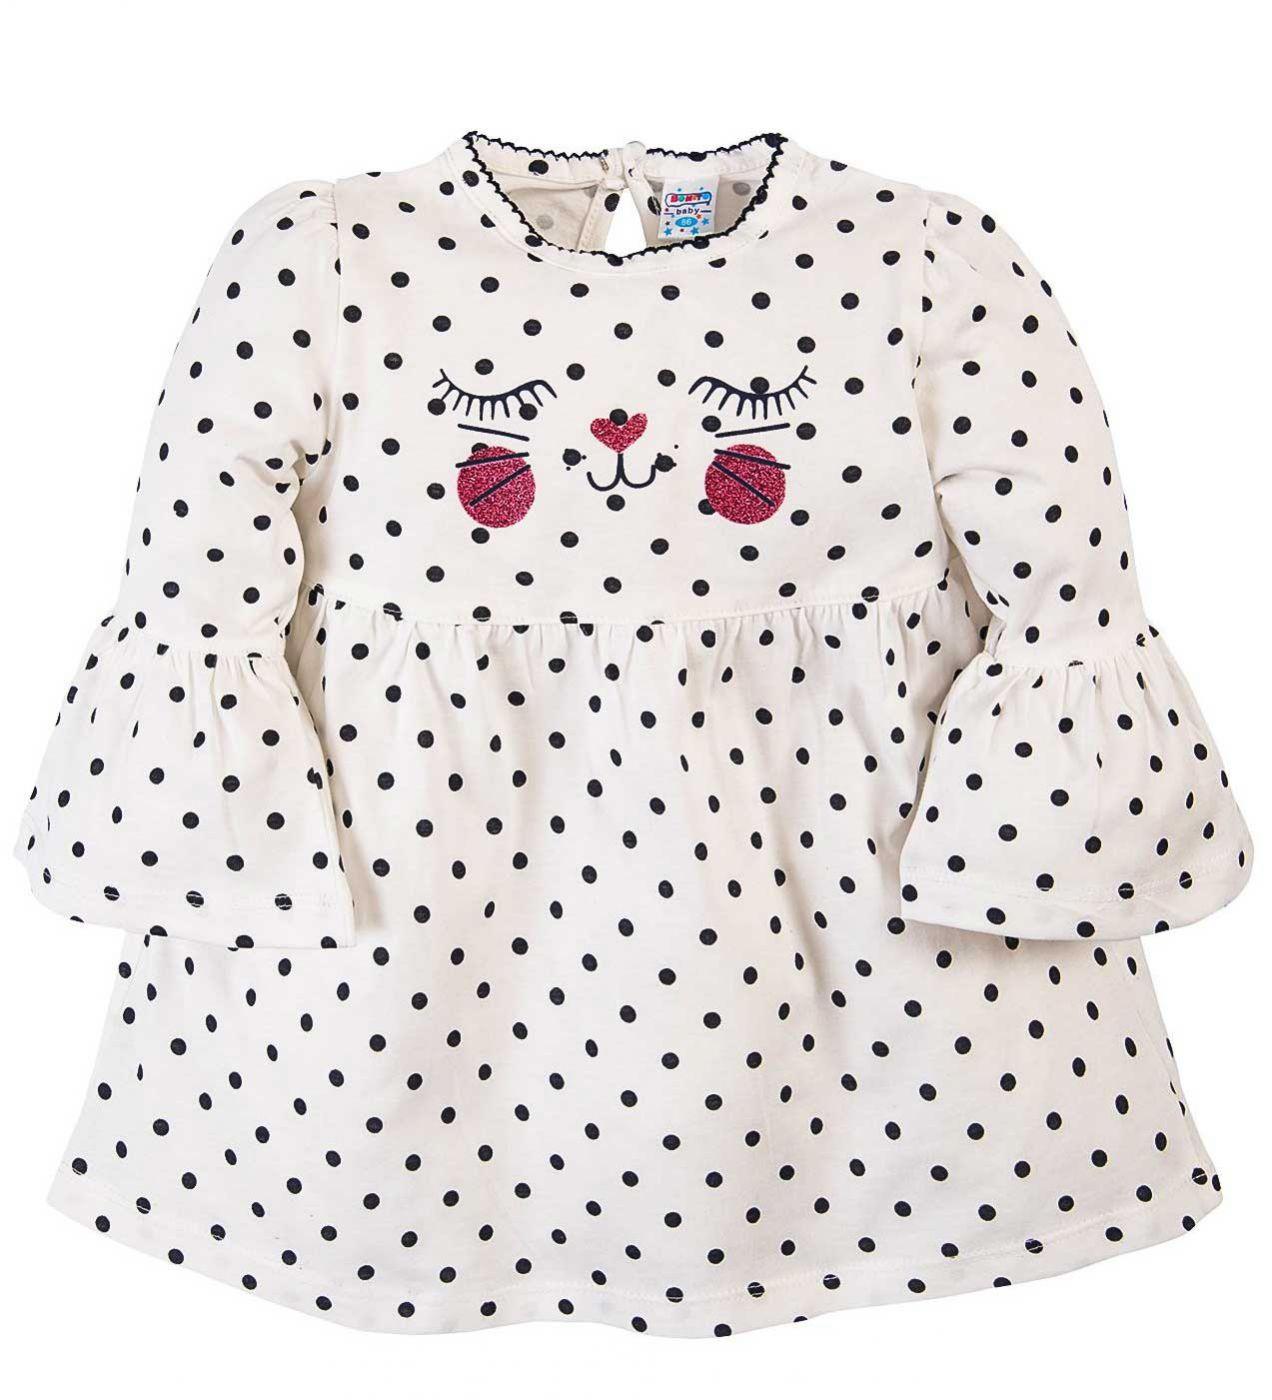 Платье для девочек.Bonito белое в горошек